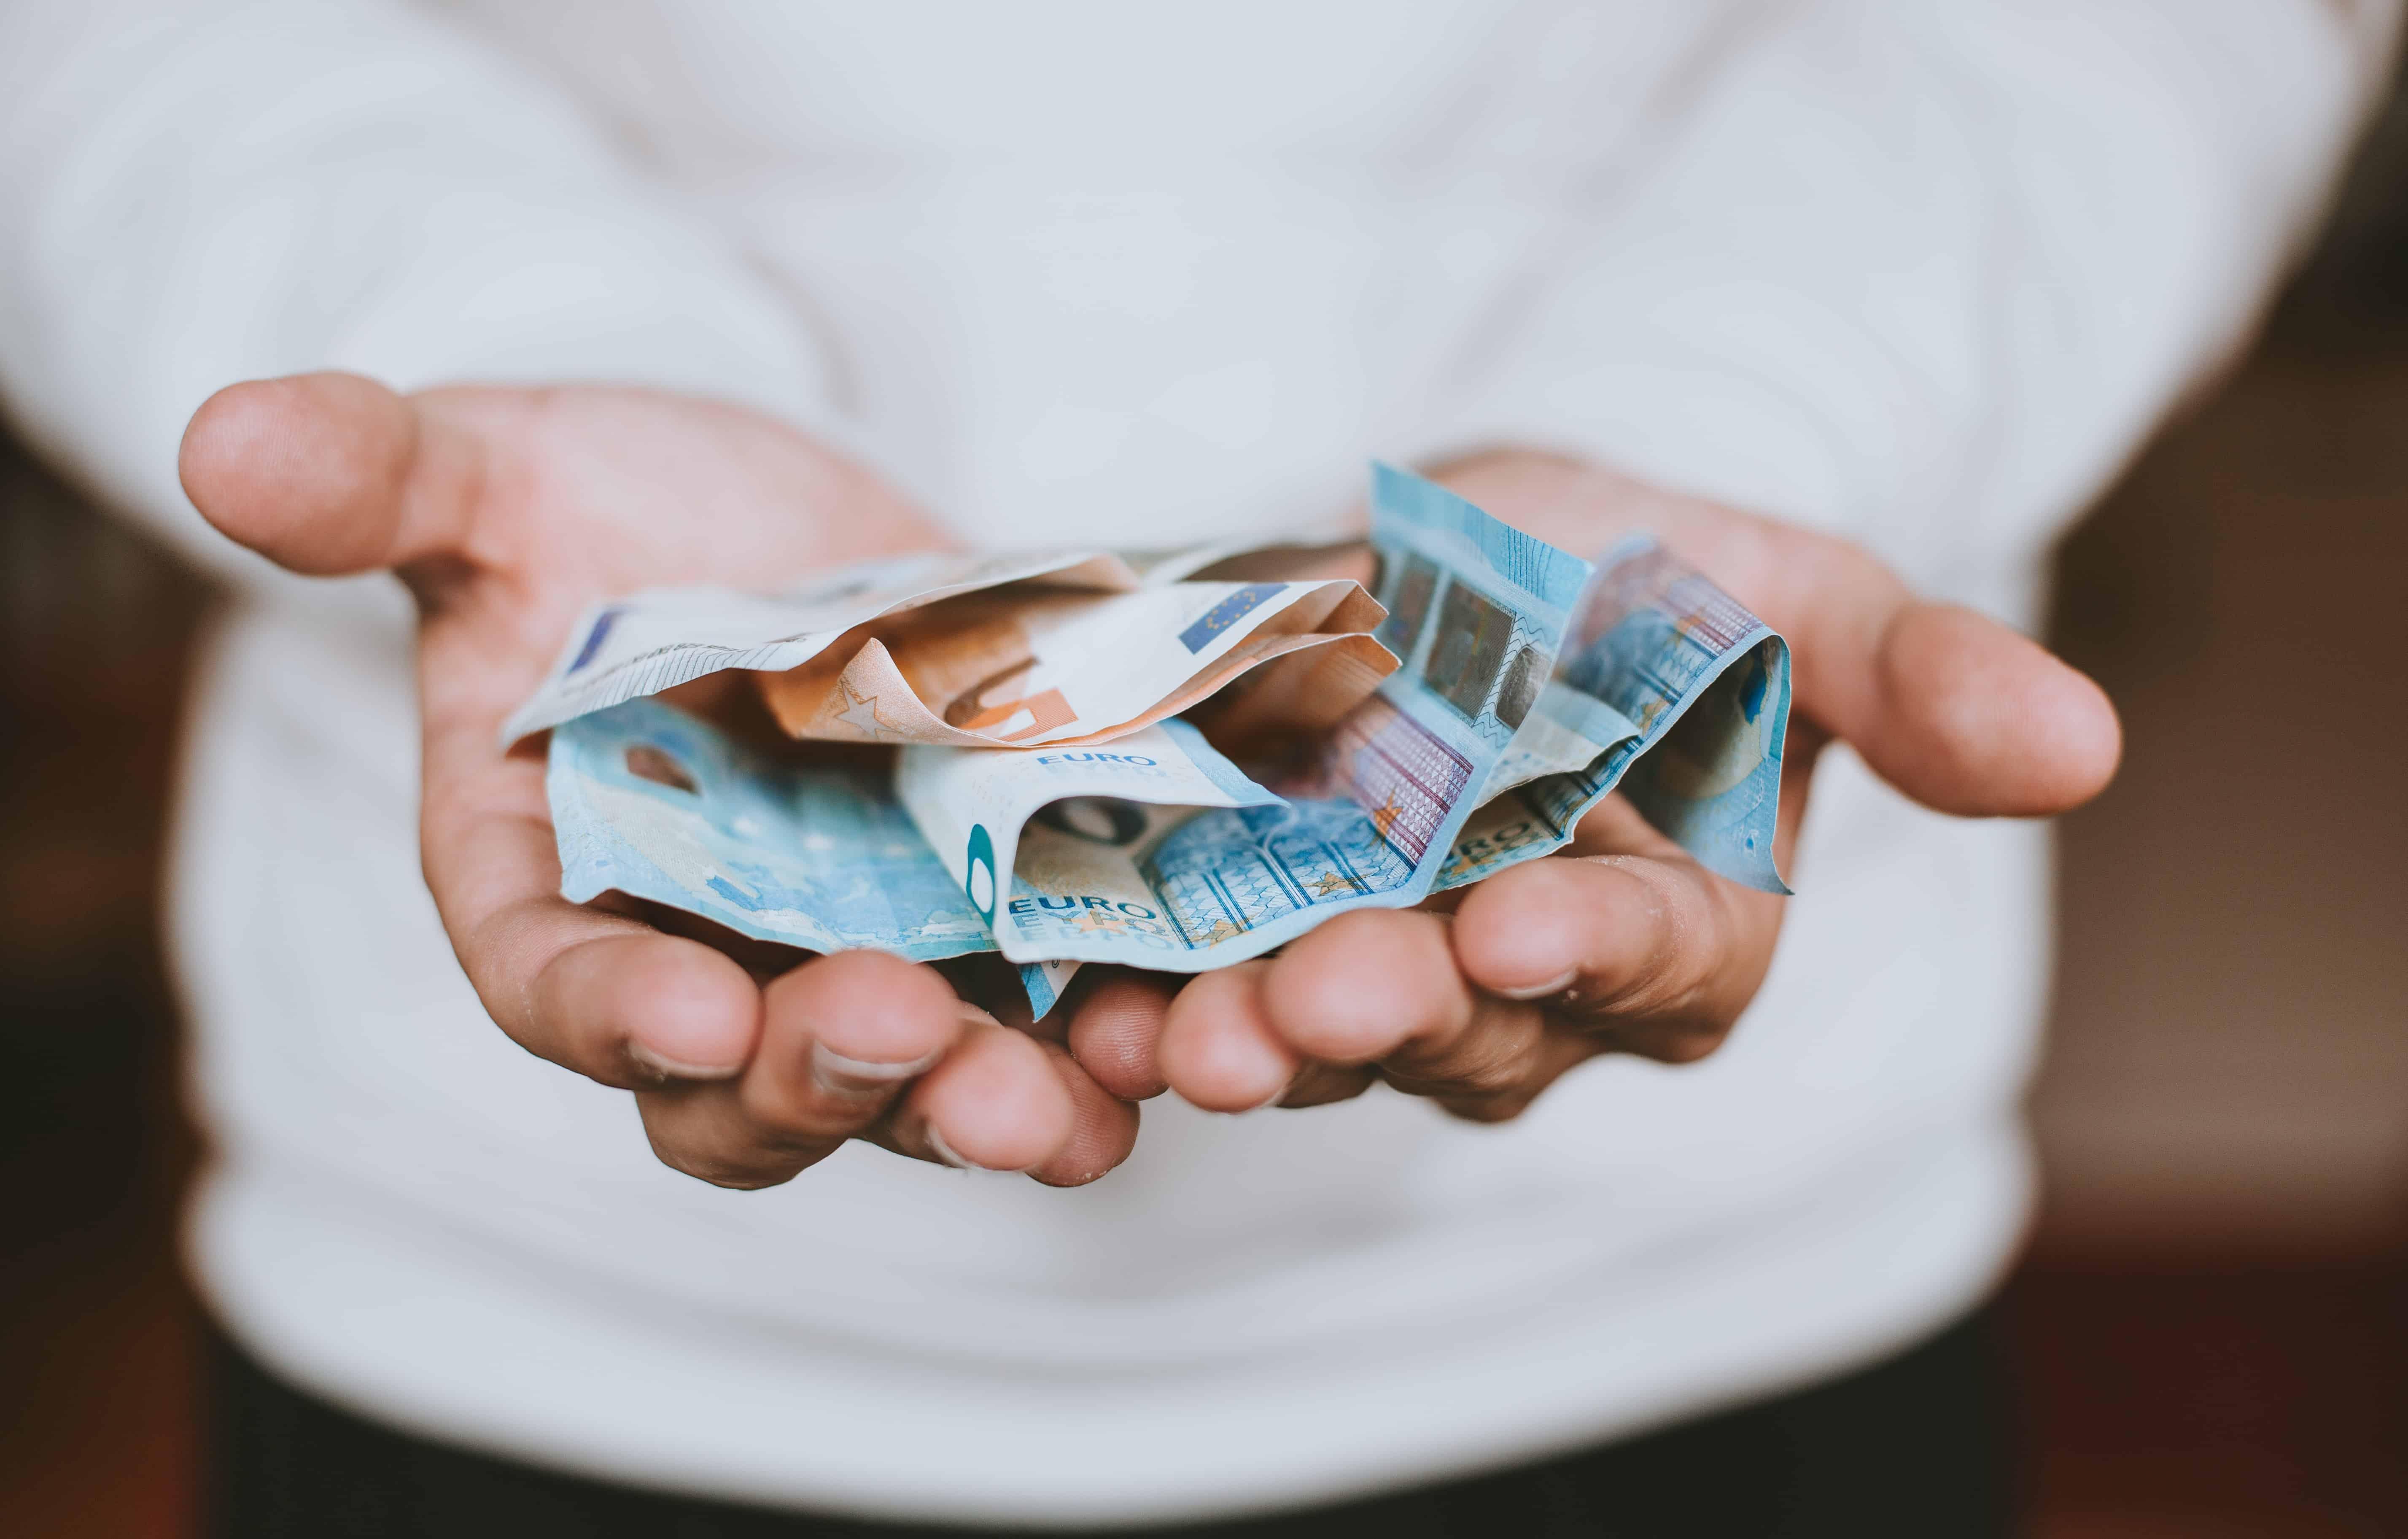 faceți bani online fără risc este profitabil opțiunile binare